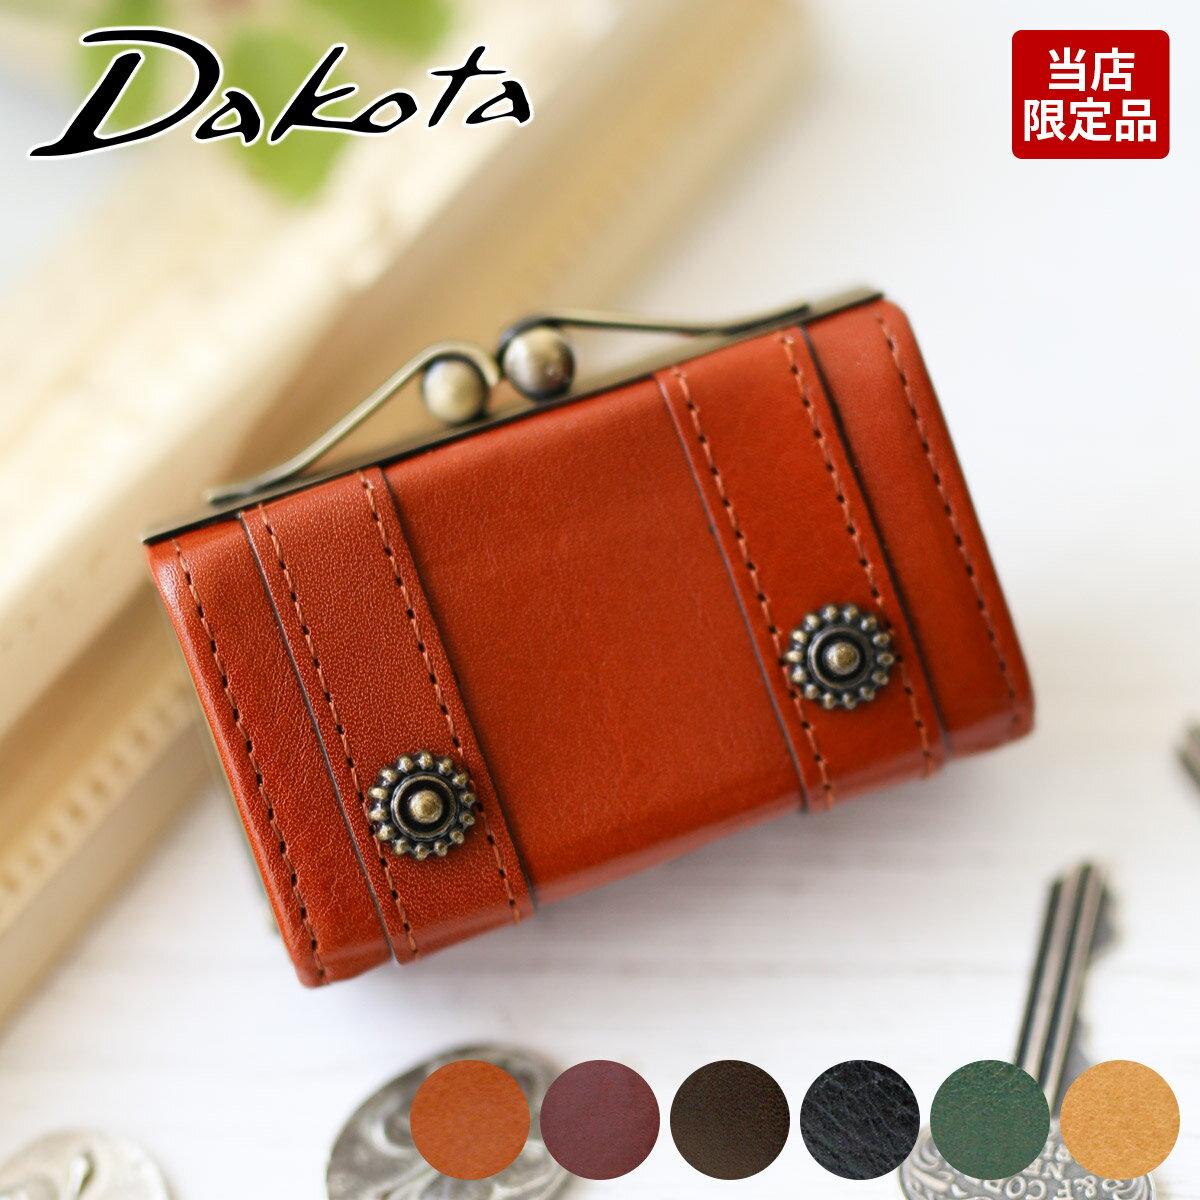 【選べるかわいいノベルティ付】 Dakota ダコタ 財布リードクラシック がま口コインケース 0030027 (0031003) (0032004)レディース 財布 本革 財布 がま口 ギフト かわいい おしゃれ プレゼント